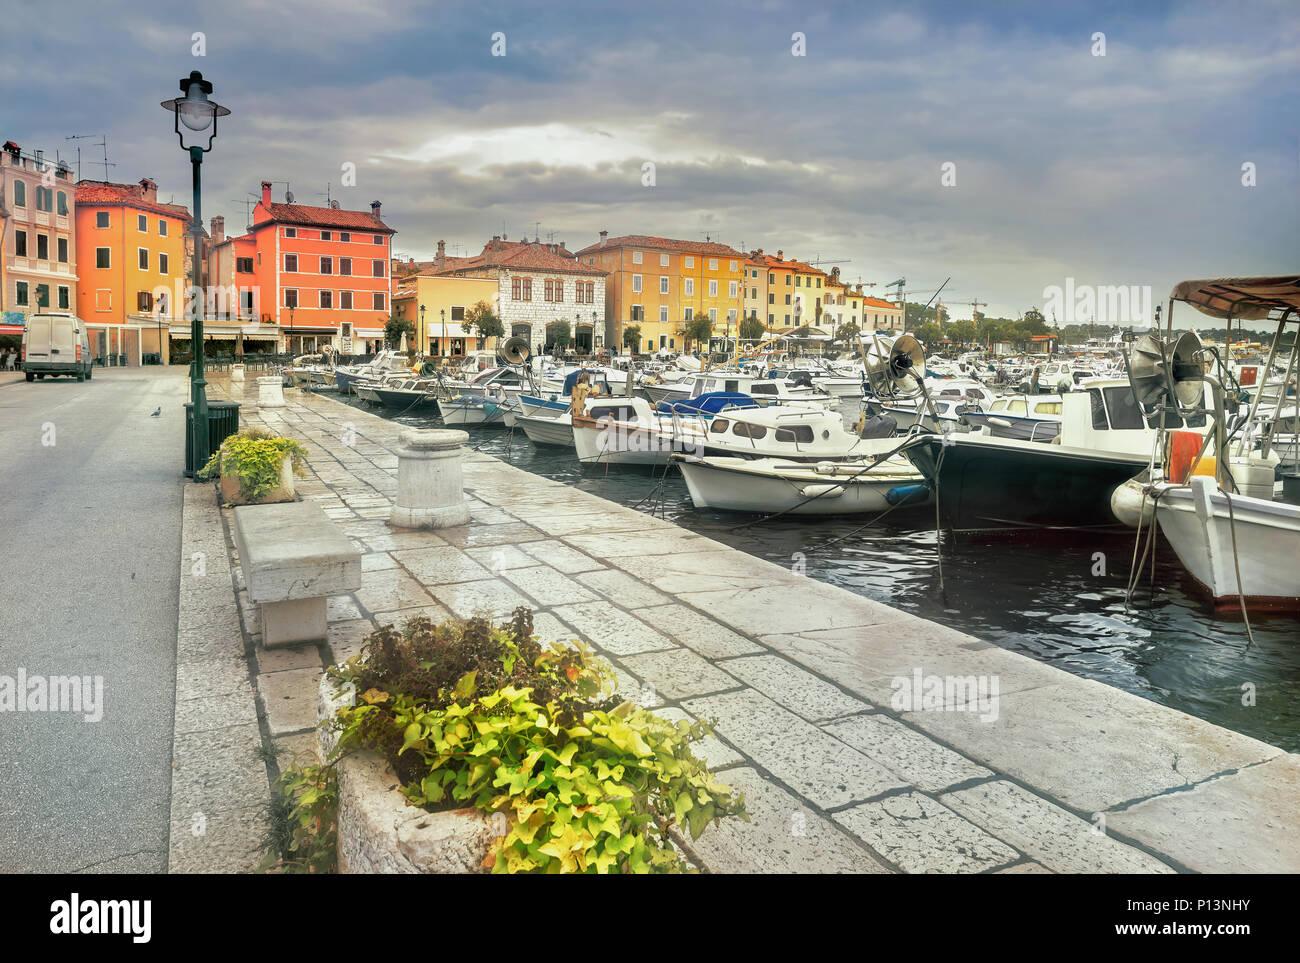 Vue urbaine avec front de mer et port de plaisance, dans la vieille ville de Rovinj. Croatie, péninsule d'Istrie, Europe Photo Stock